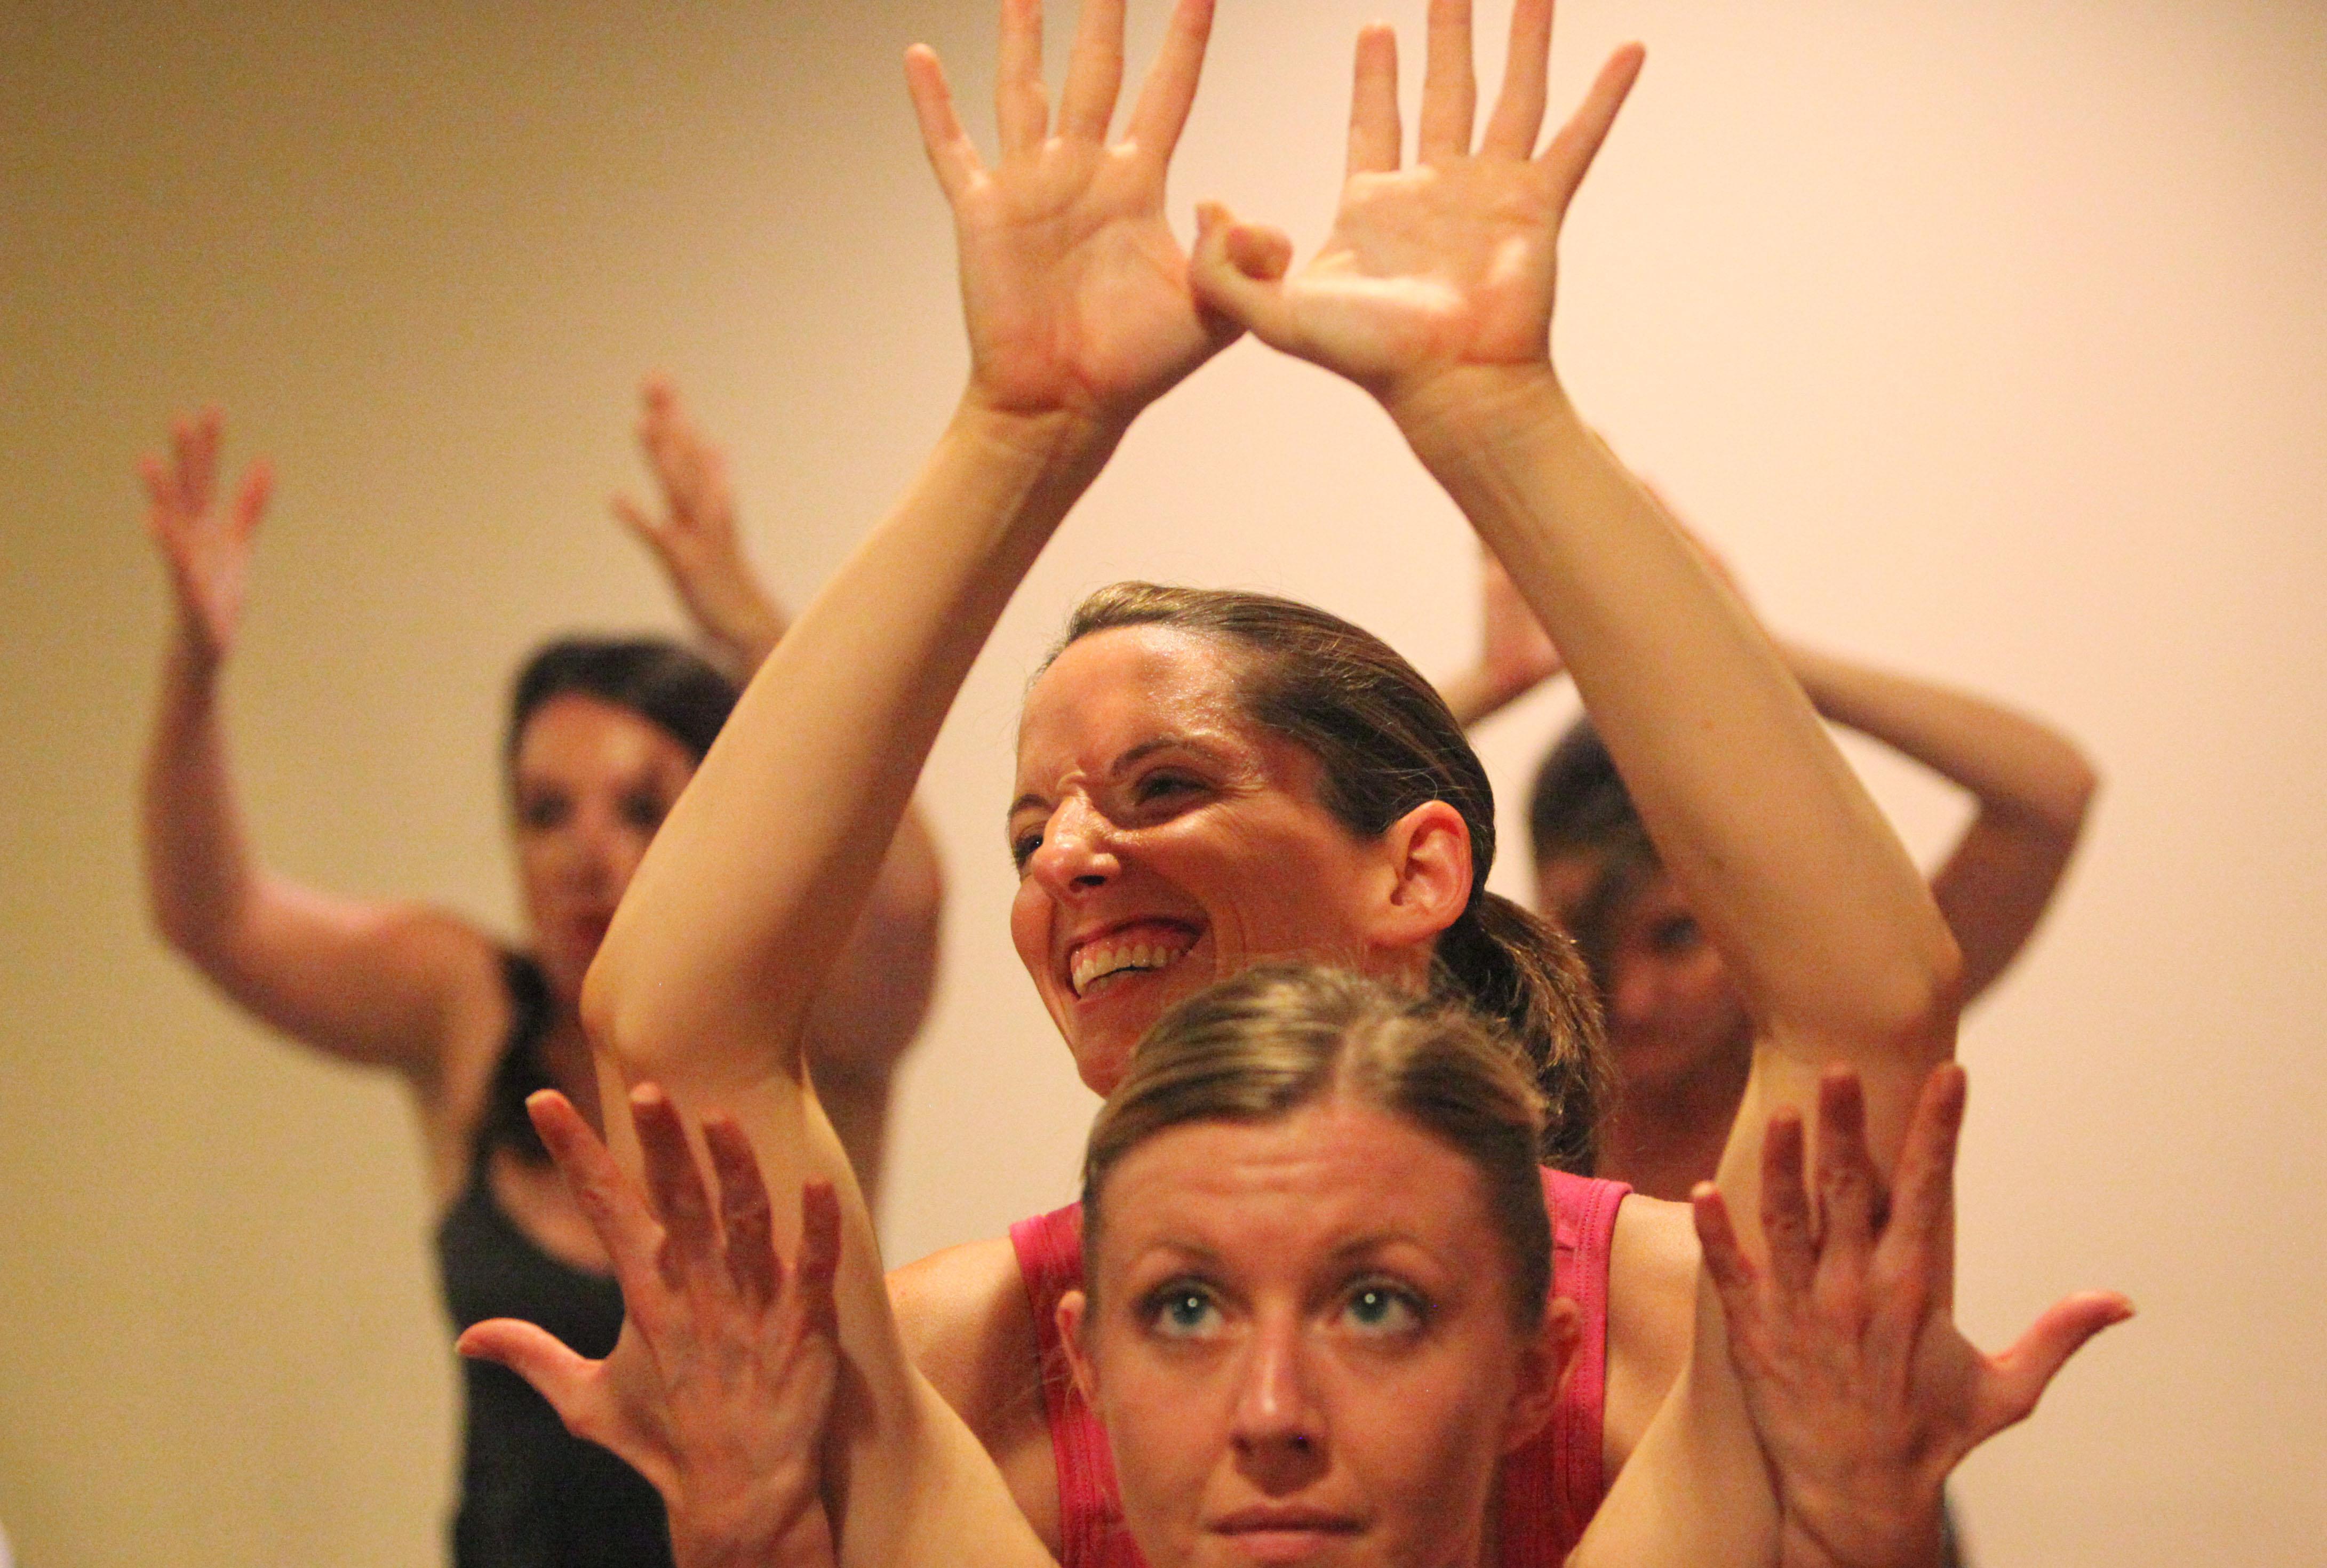 3-Week Yoga Beginner Series